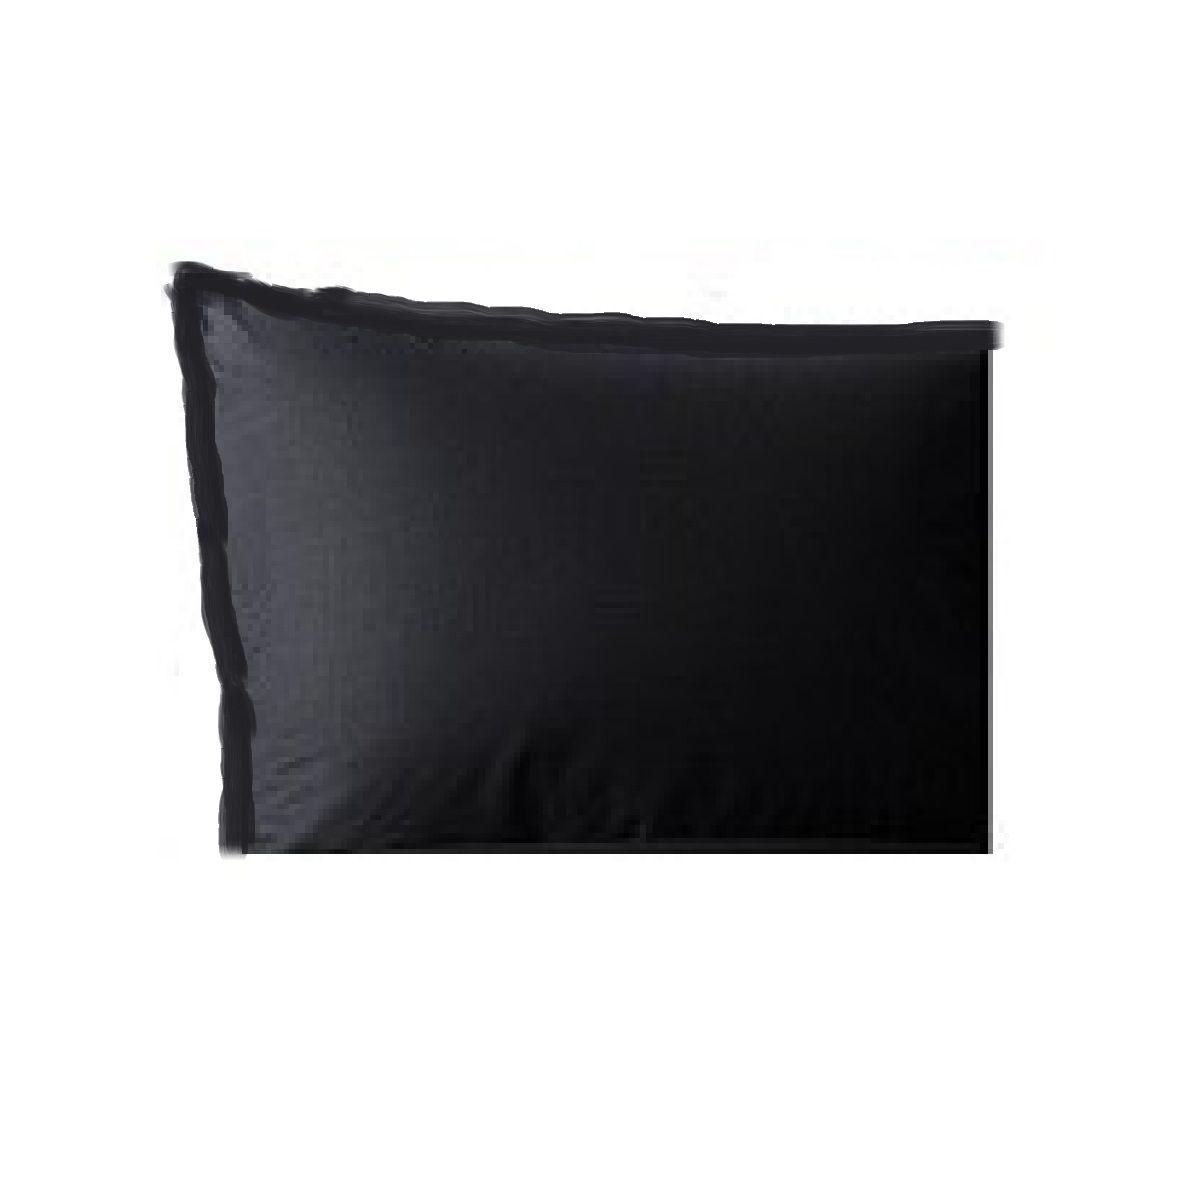 Capa Impermeável Para Travesseiro Hospitalar medindo 50 x 70 cm coloridas com zíper  - CarroCasa